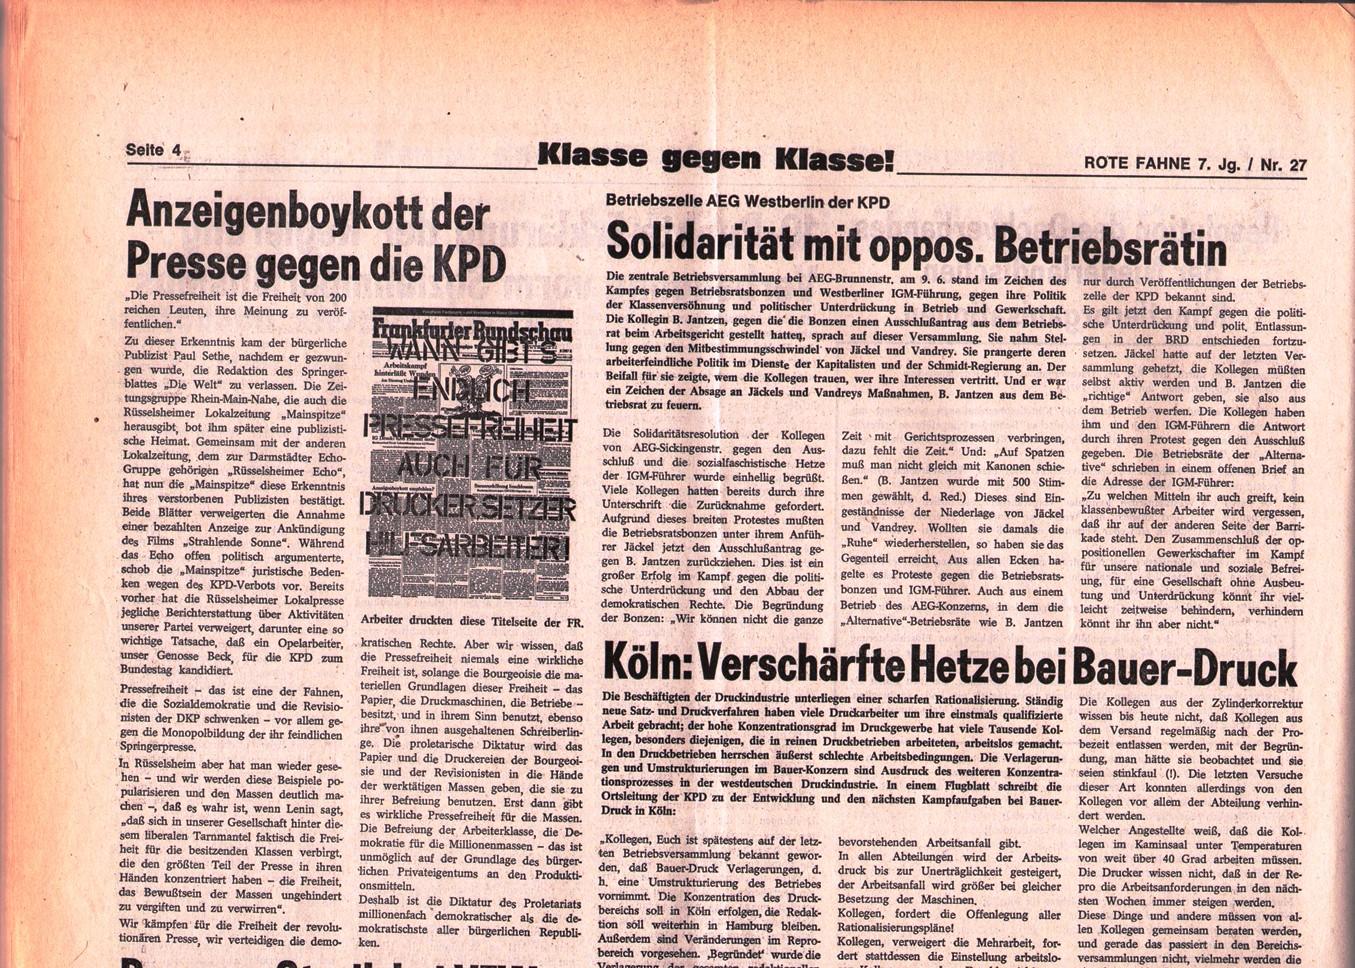 KPD_Rote_Fahne_1976_27_07